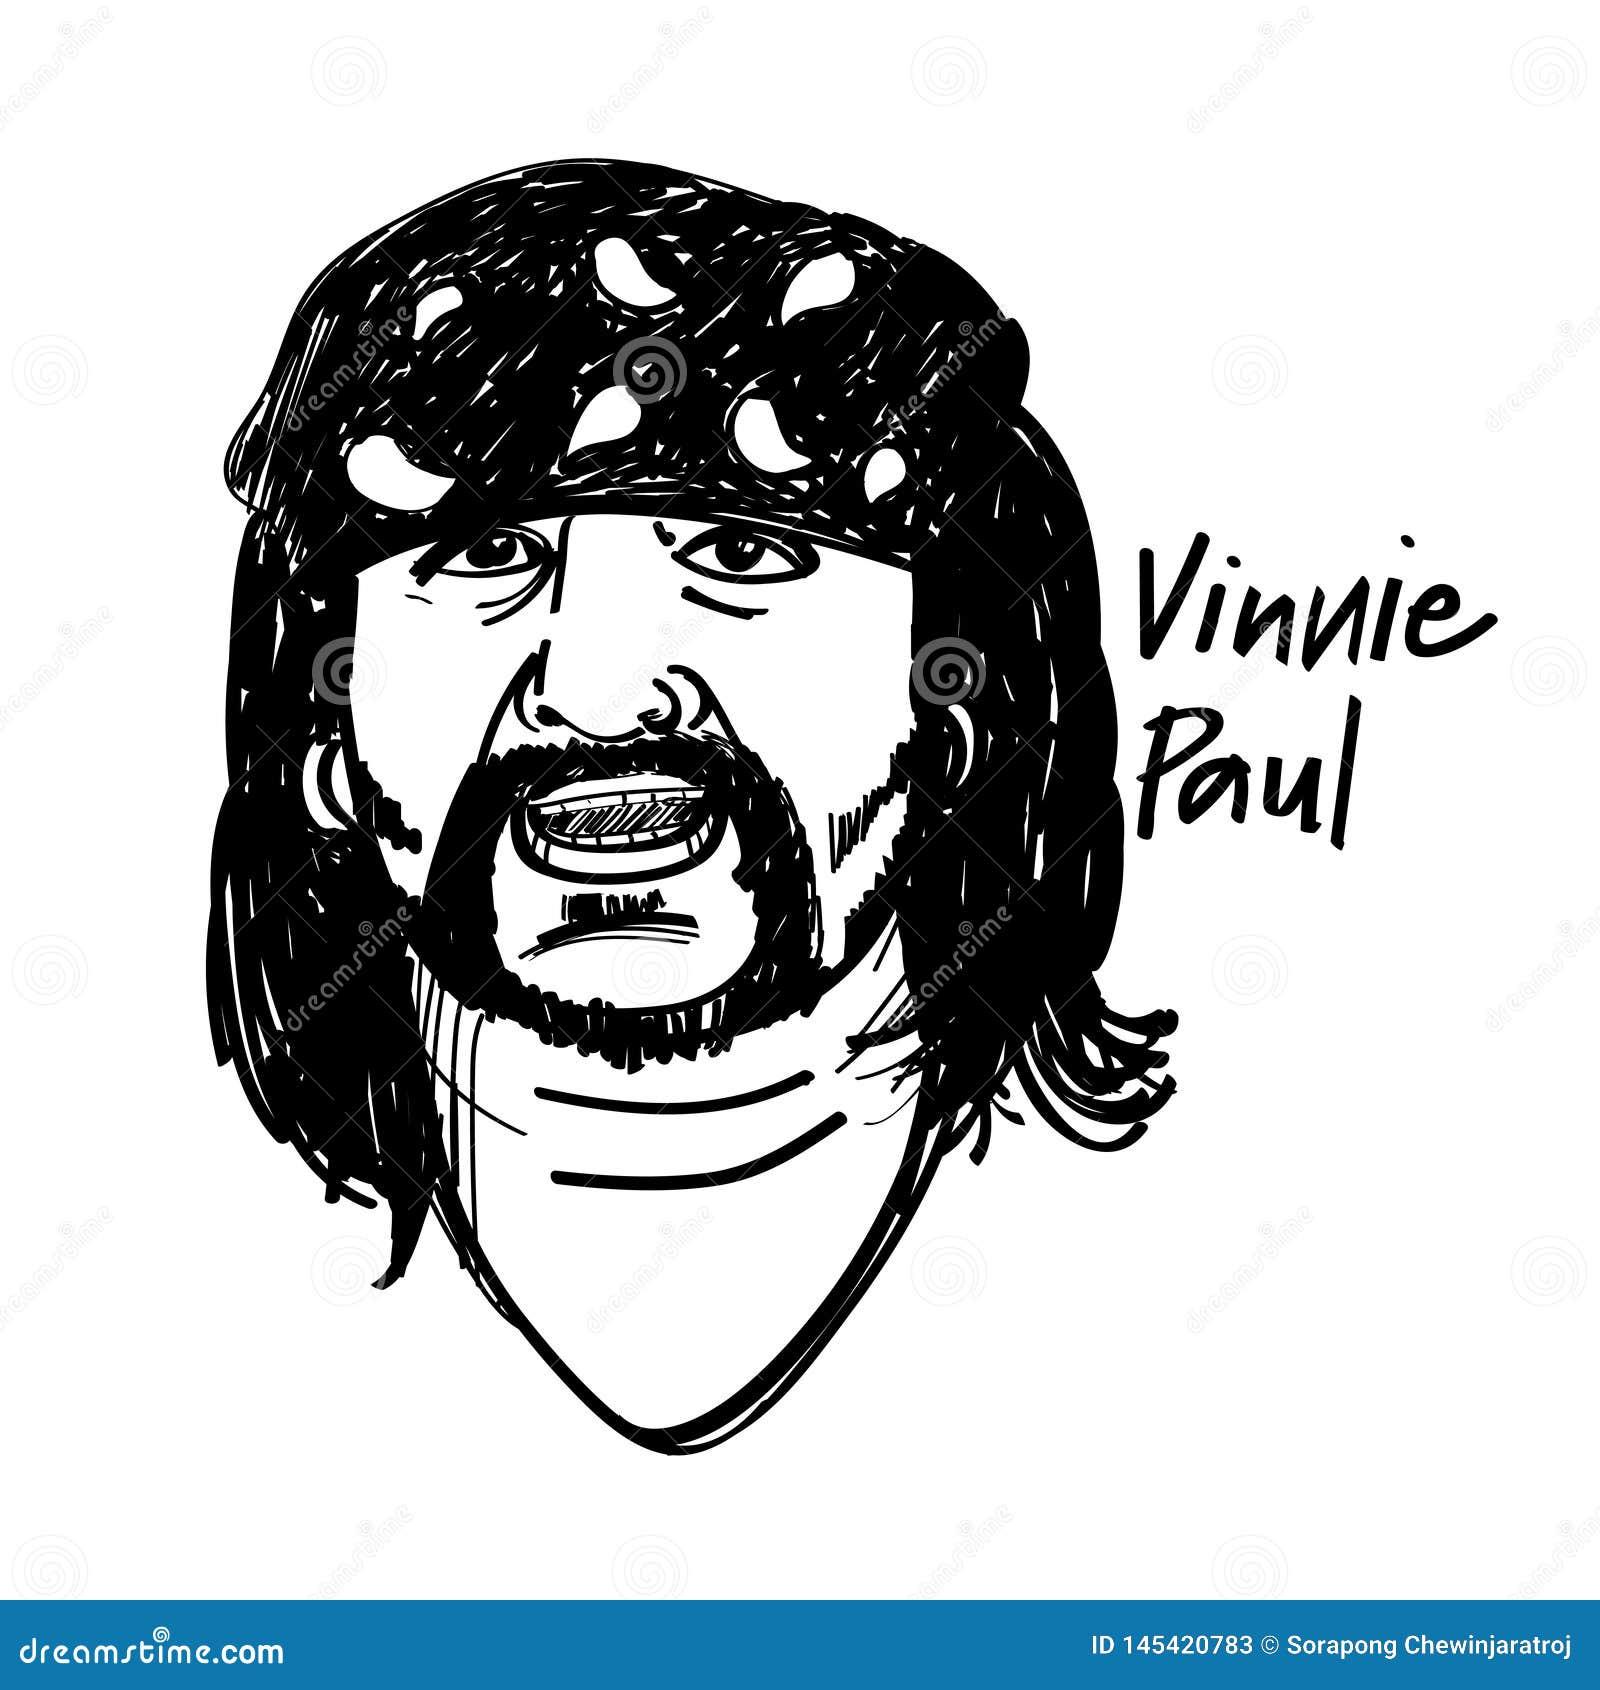 Desenho preto e branco da ilustração do baterista de Vinnie Paul